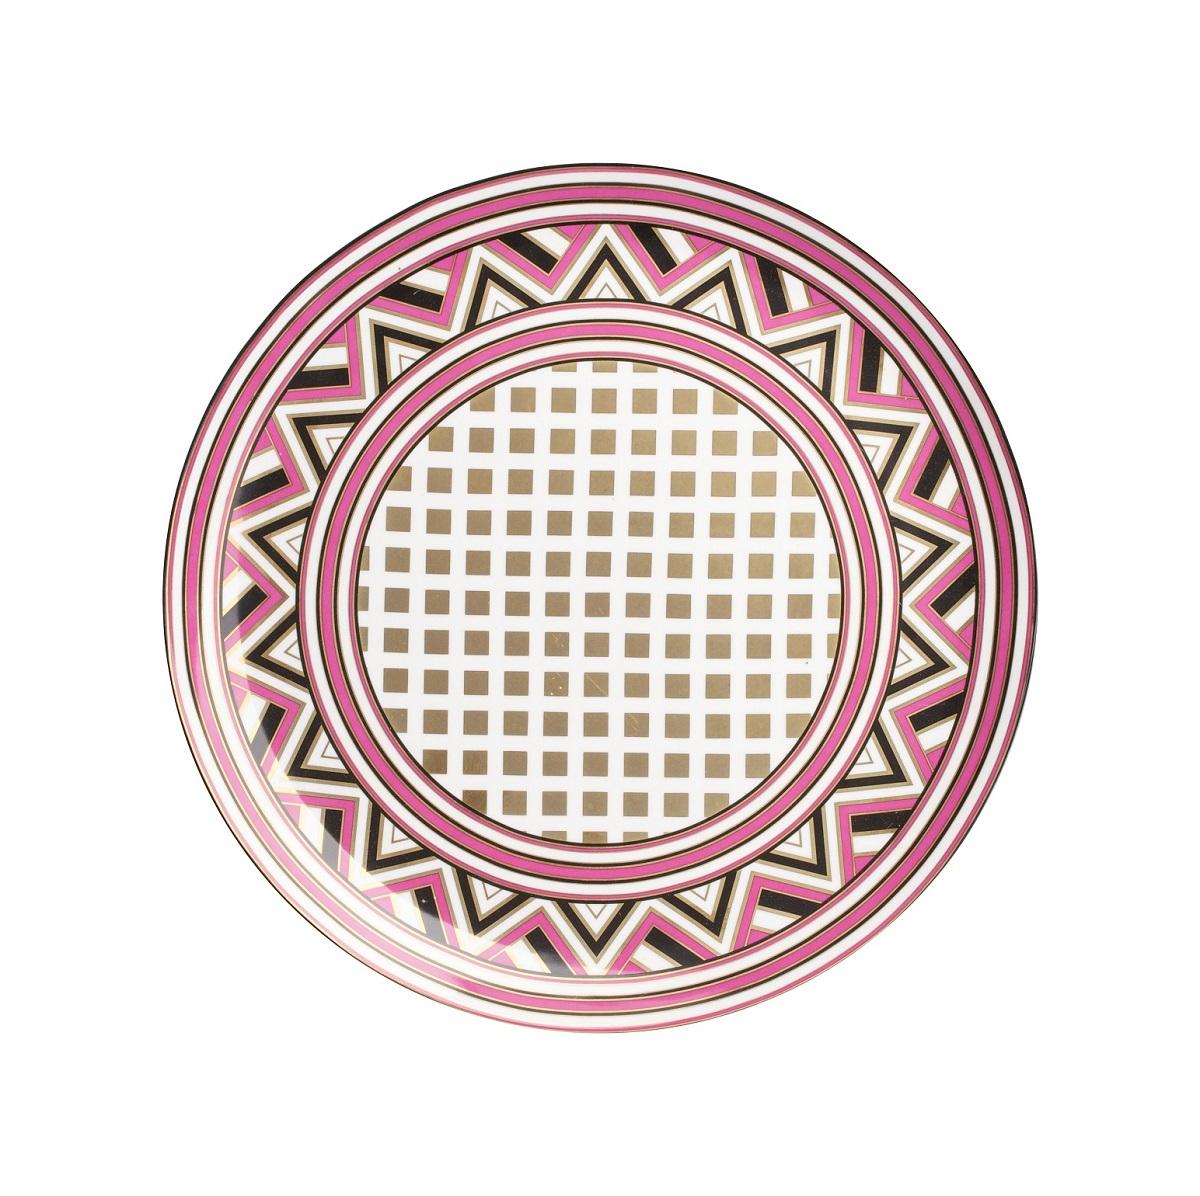 Блюдо EclecticДекоративные блюда<br>Блюдо из грубой керамики подойдет для нарезок. В комбинации с другими  столовыми предметами создаст    уникальную сервировку  стола.<br><br>Material: Керамика<br>Height см: 2,5<br>Diameter см: 32